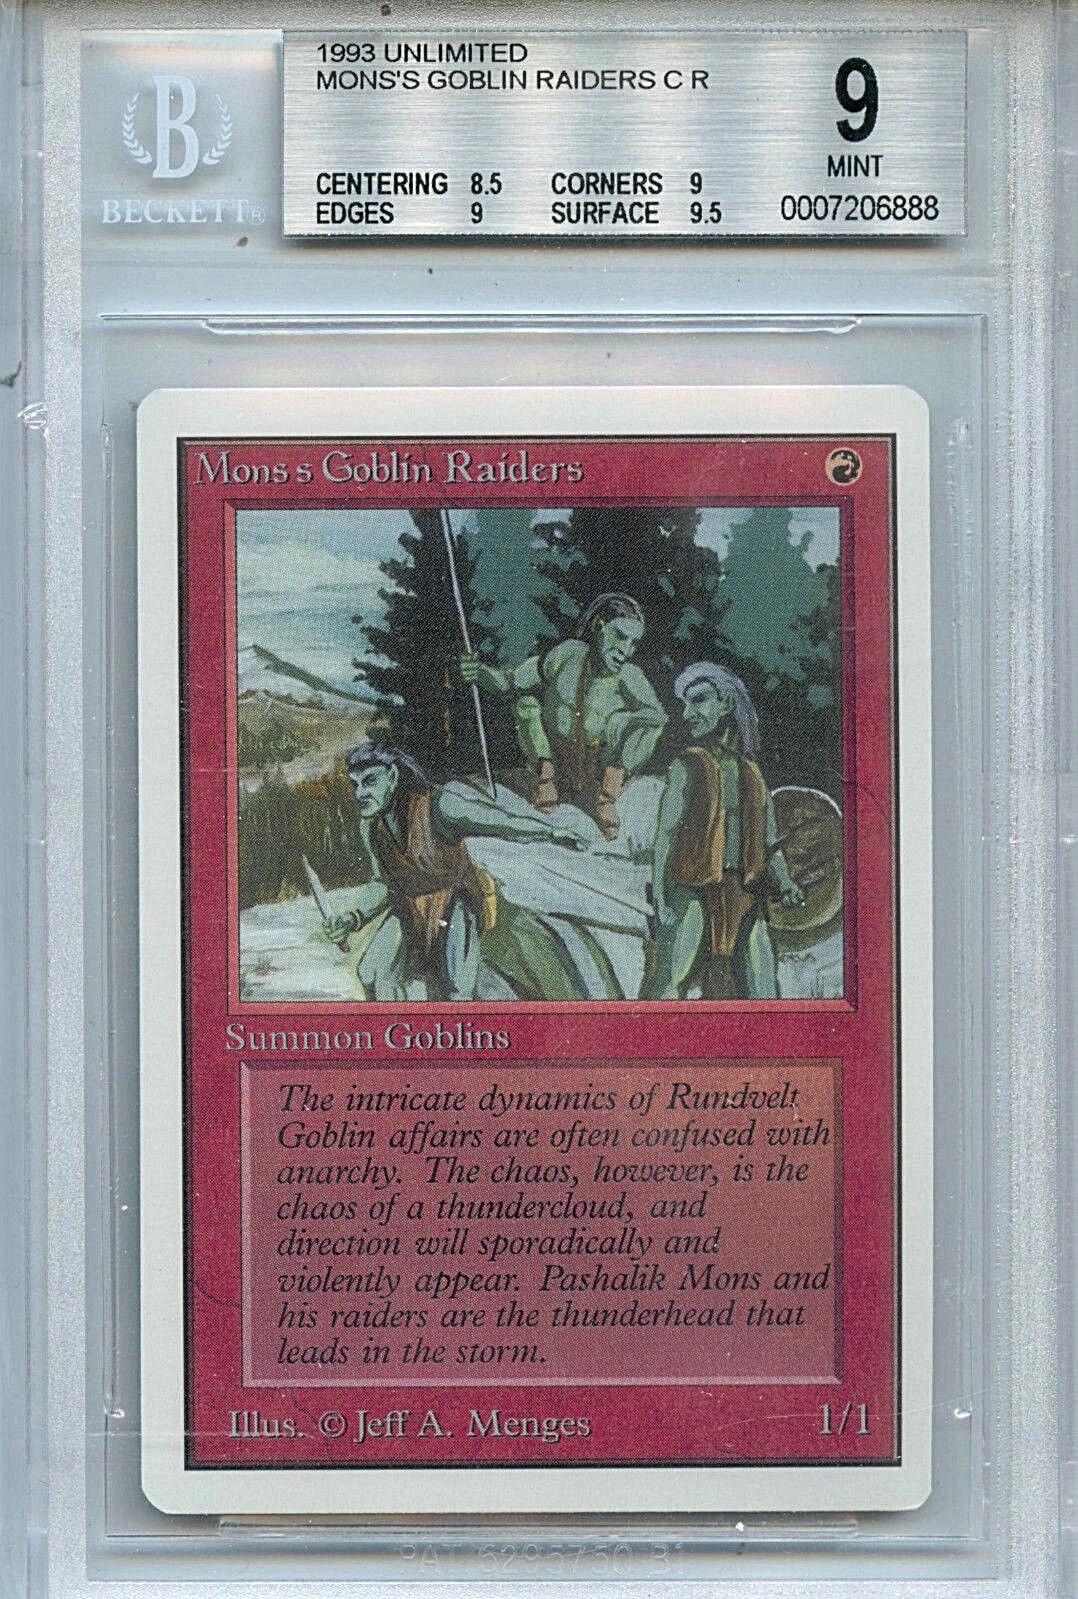 Mtg unbegrenzte mon ist der raiders magie wotc bgs 9,0 (9) - 6888